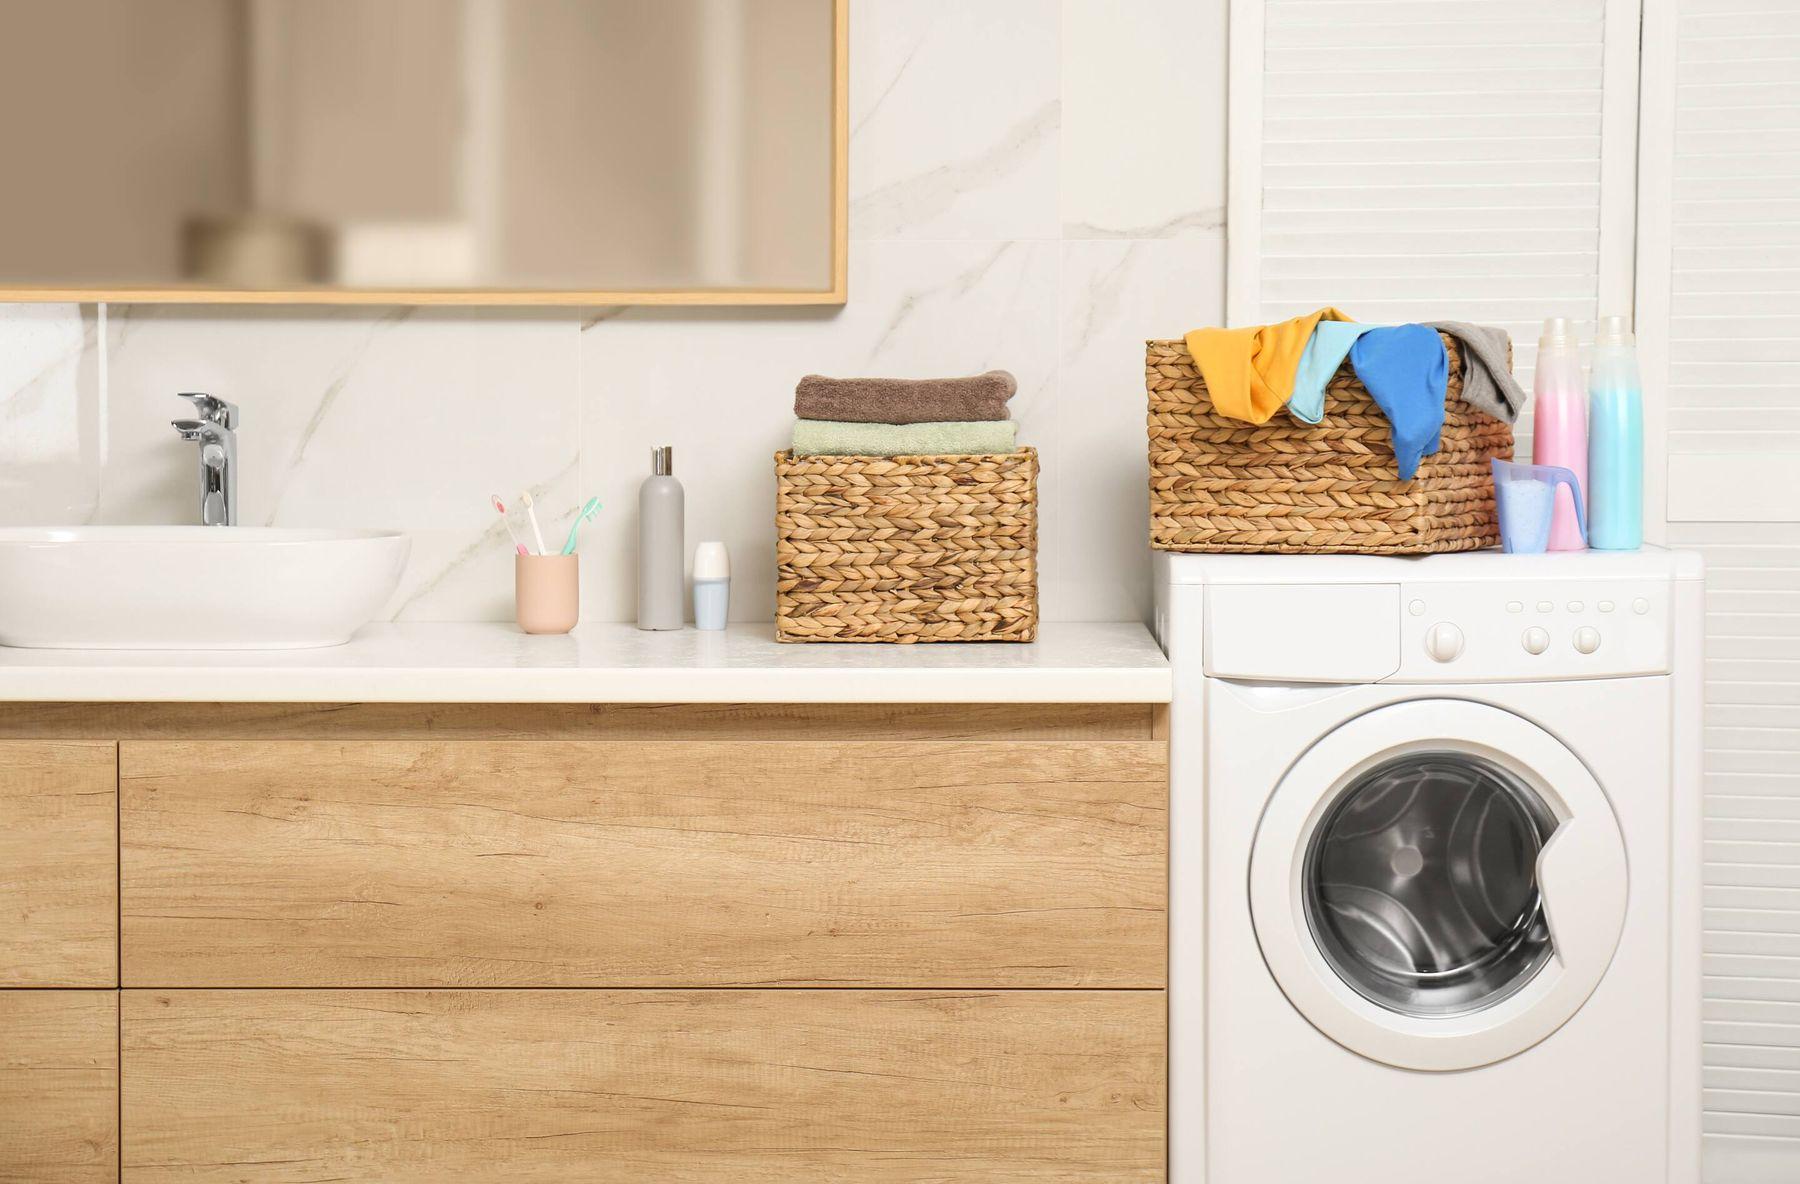 sử dụng sản phẩm giặt đồ phù hợp để hạn chế mồ hôi nách